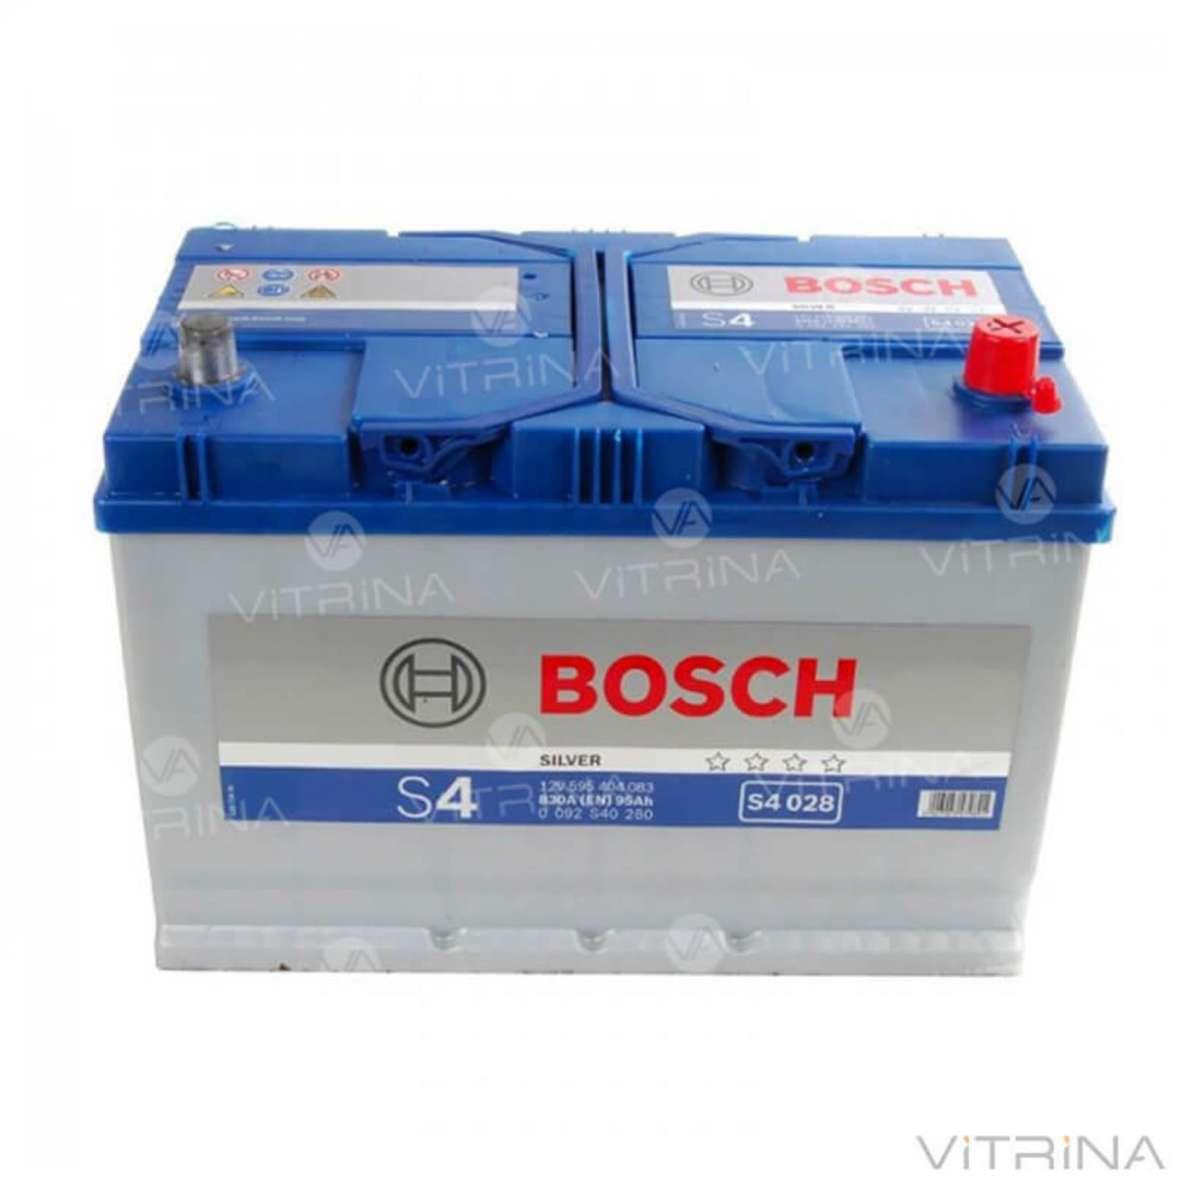 Аккумулятор BOSCH 95Ah-12v S4028 306x173x225 со стандартными клеммами